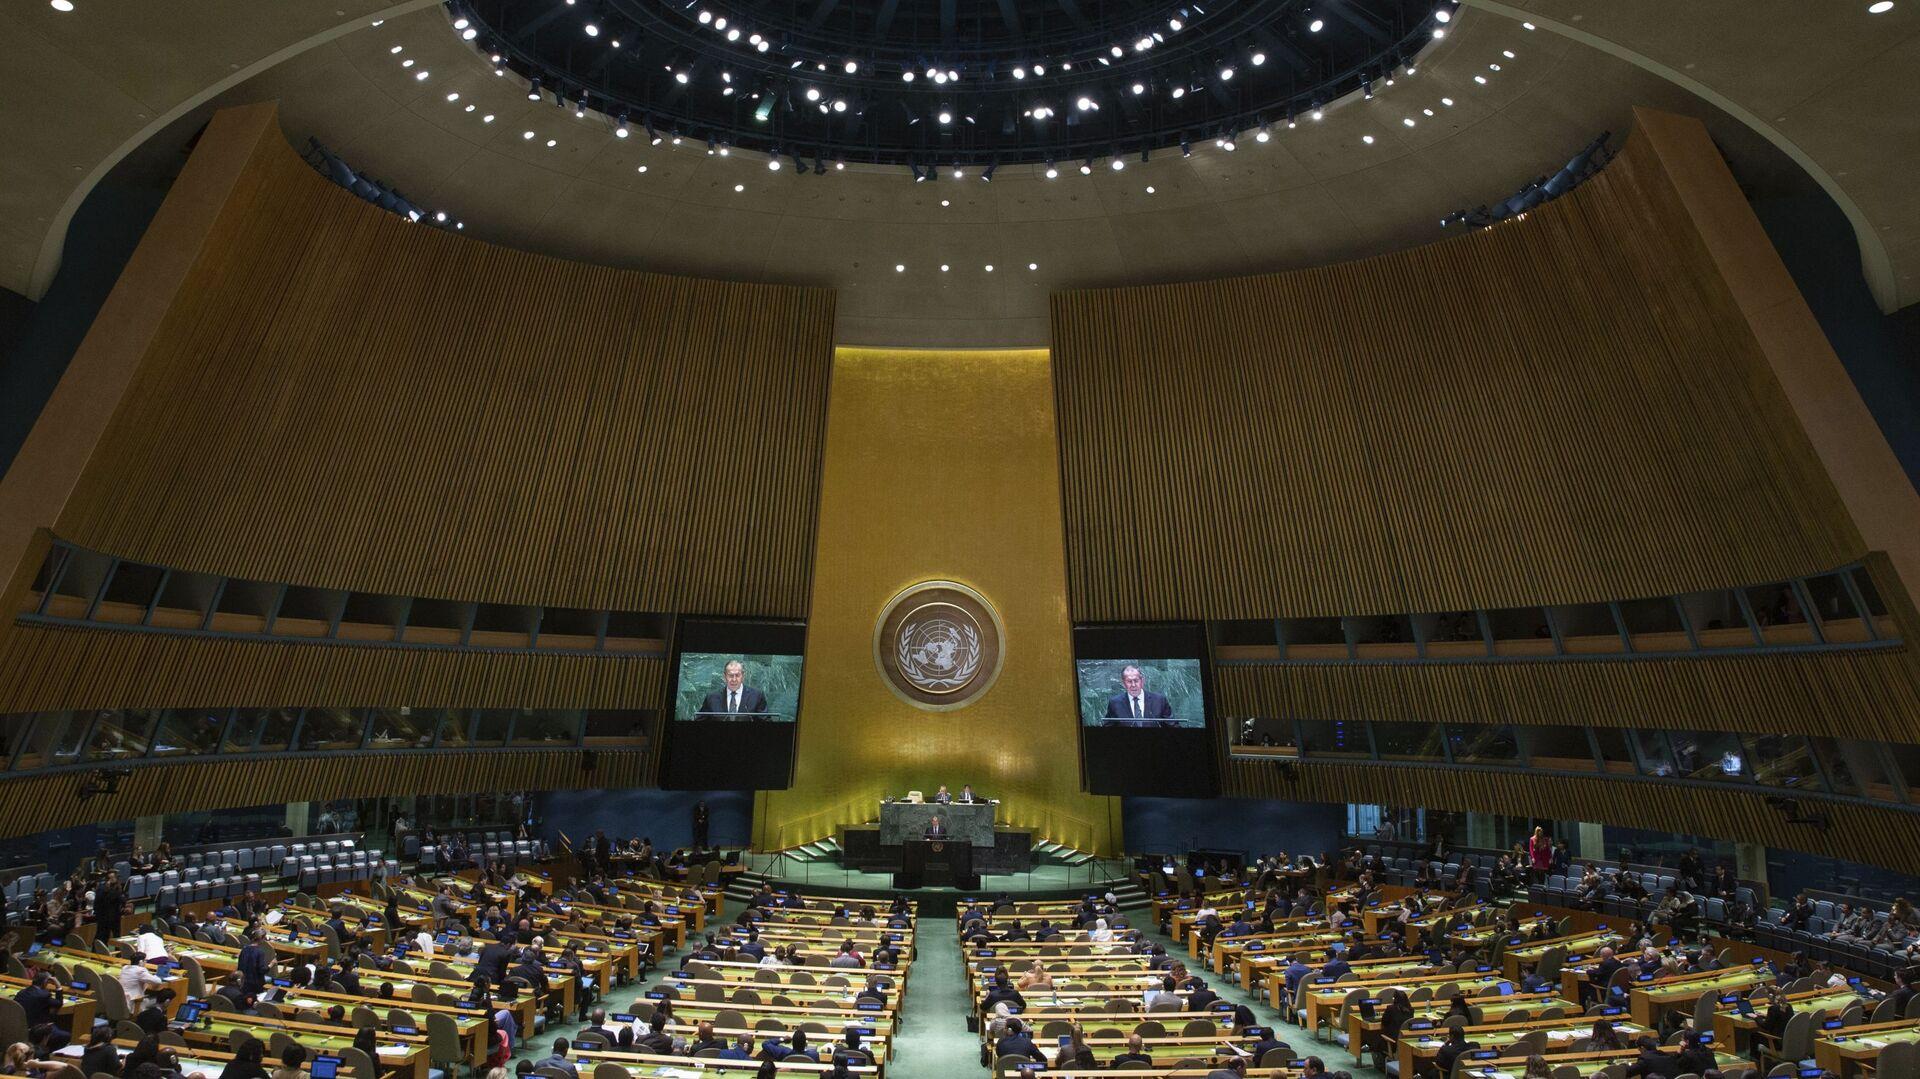 Министар спољних послова Русије Сергеј Лавров говори на 74. заседању Генералне скупштине УН у Њујорку - Sputnik Србија, 1920, 19.09.2021